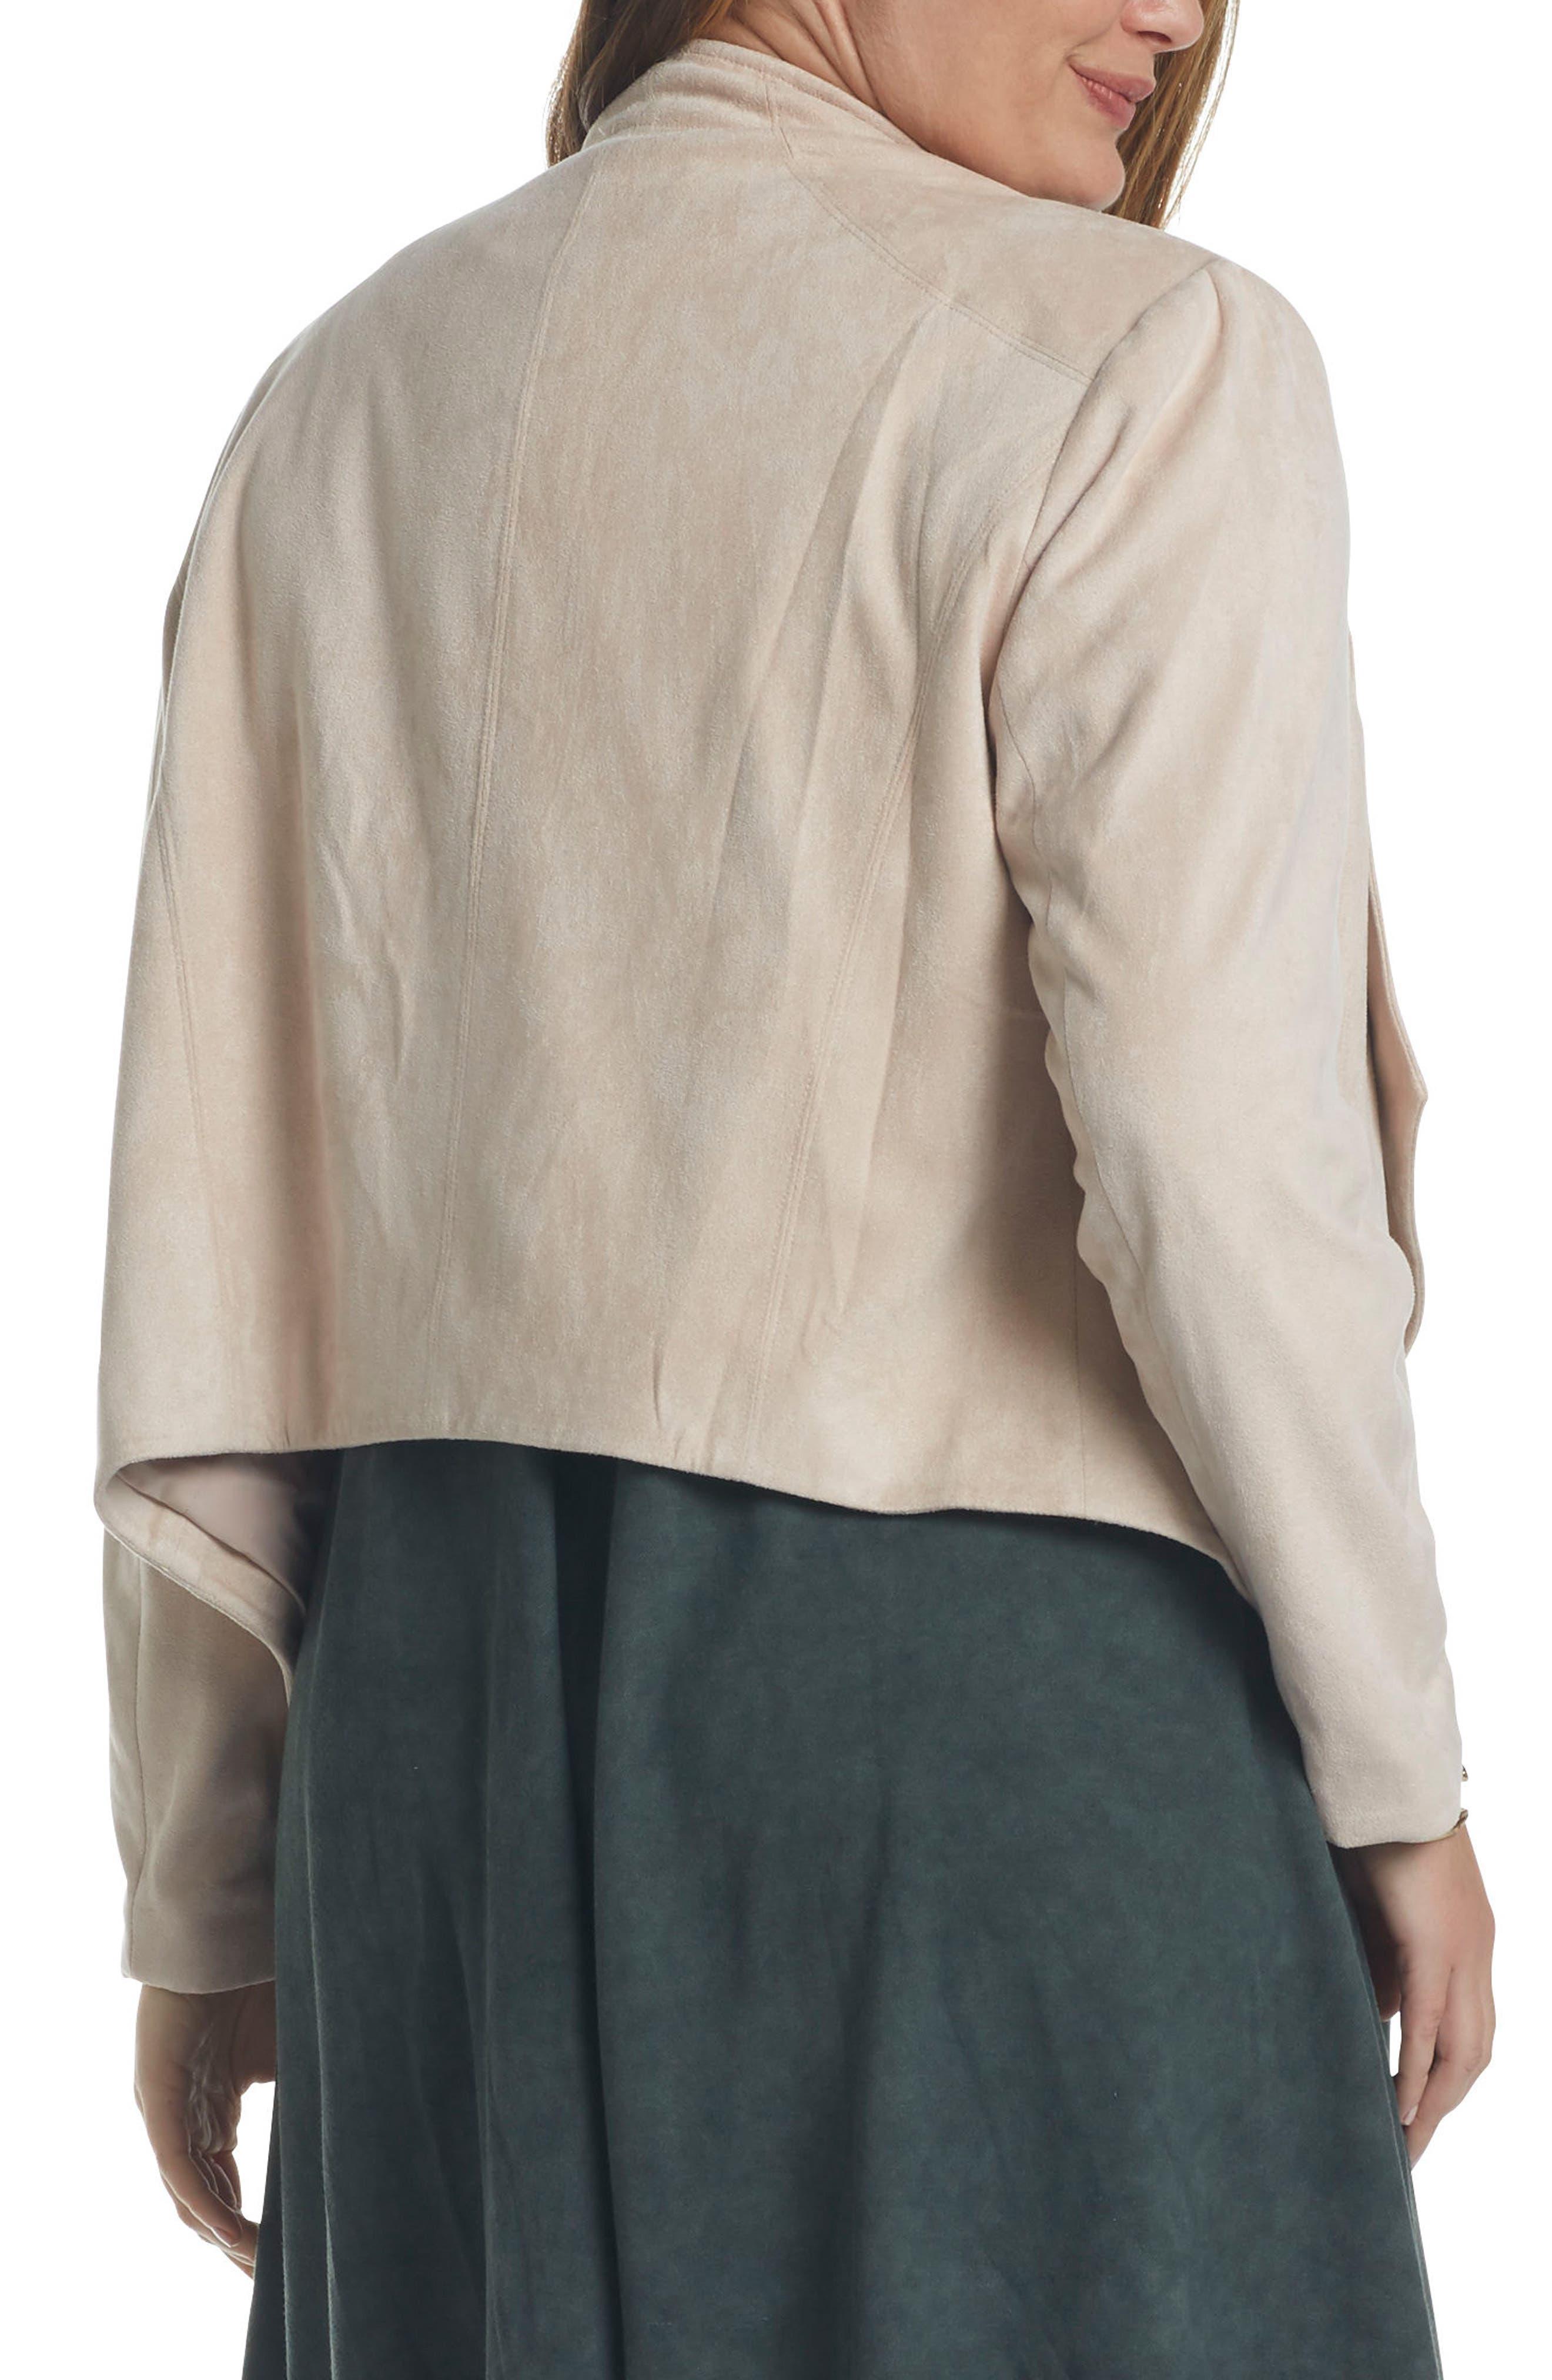 Sybil Faux Suede Drape Front Jacket,                             Alternate thumbnail 2, color,                             285